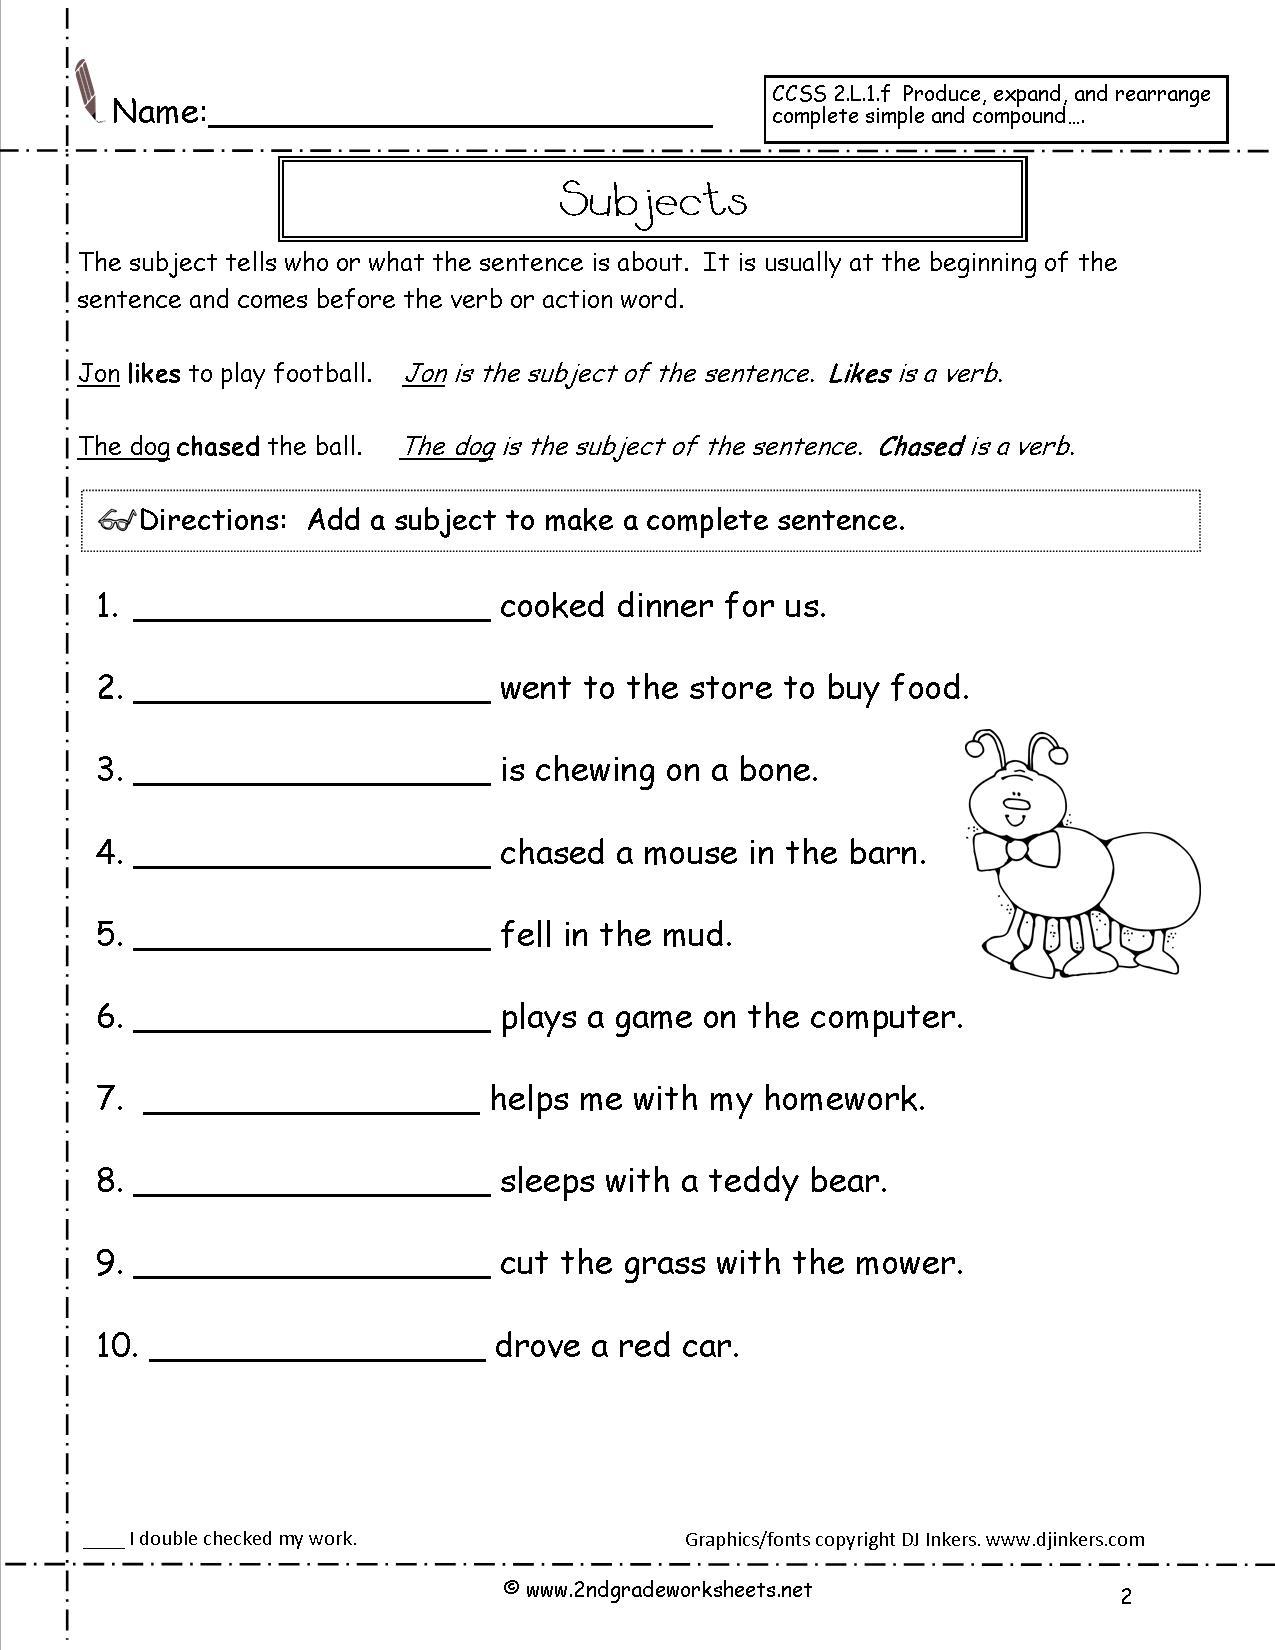 11 Best Images Of Types Of Sentences Worksheet 2nd Grade